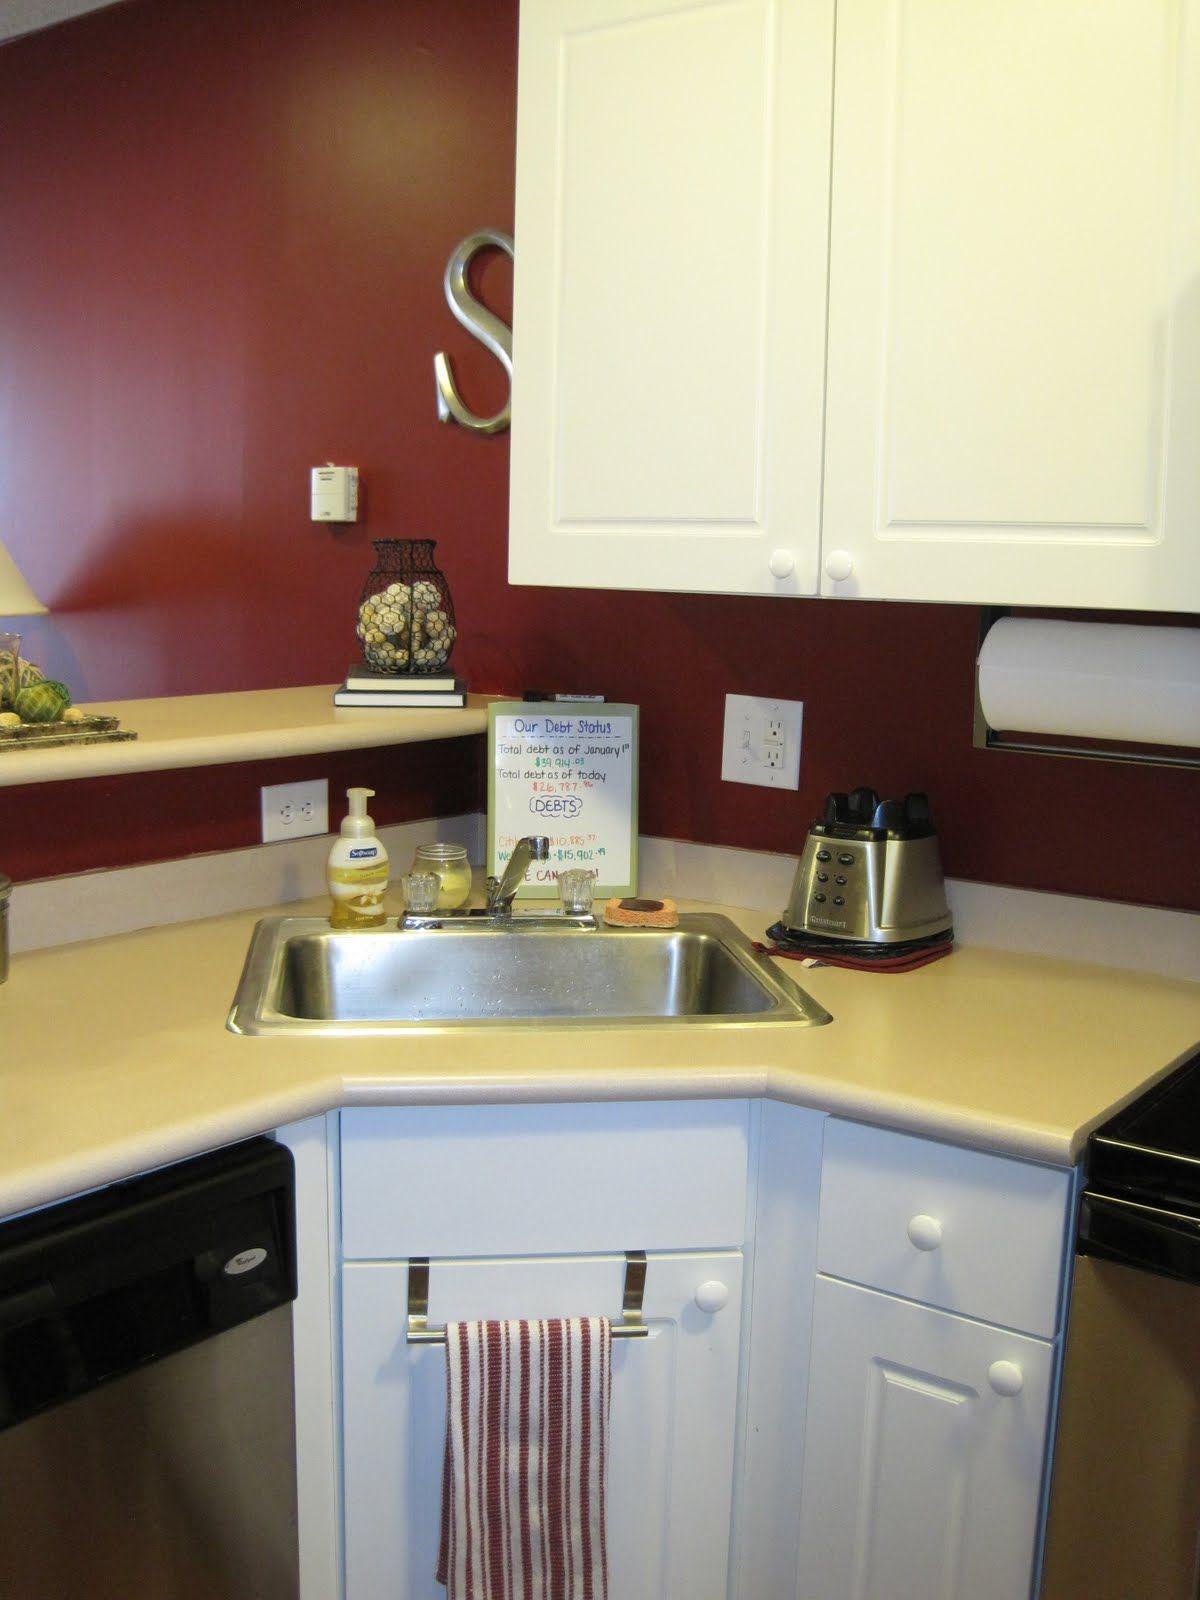 corner kitchen sinks MODERN SMALL CORNER KITCHEN SINK DESIGN Interior Images